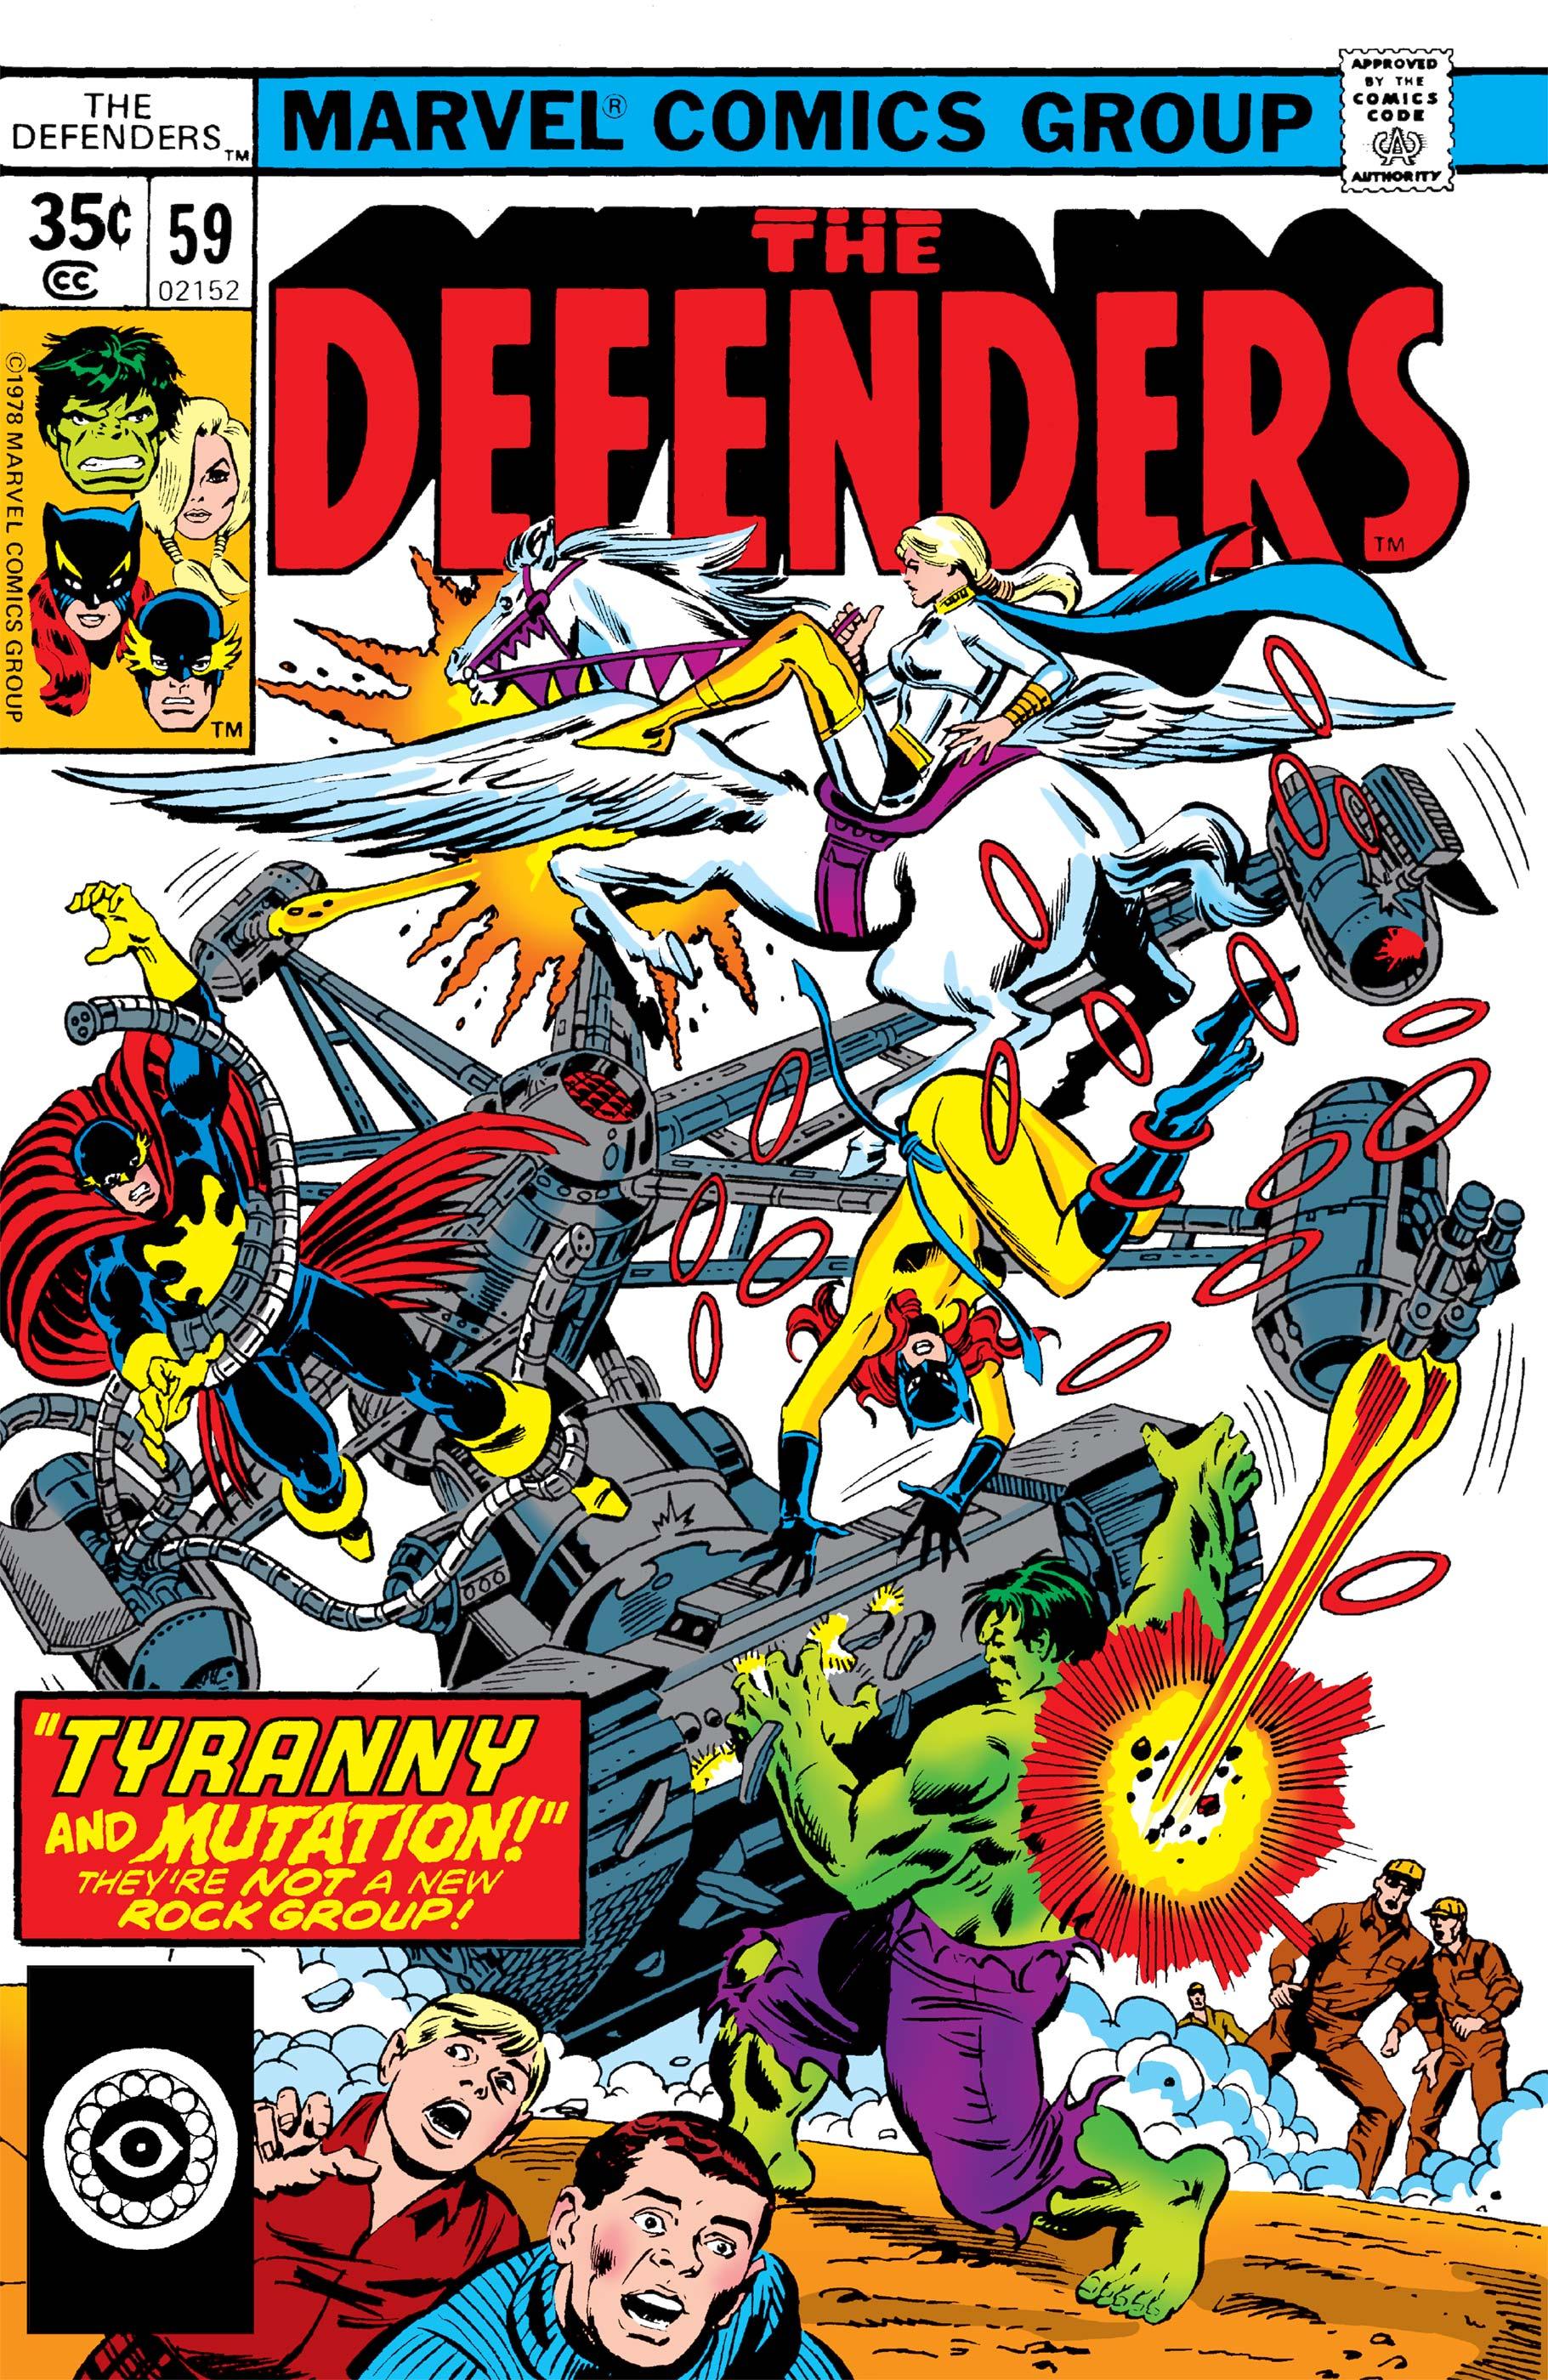 Defenders (1972) #59